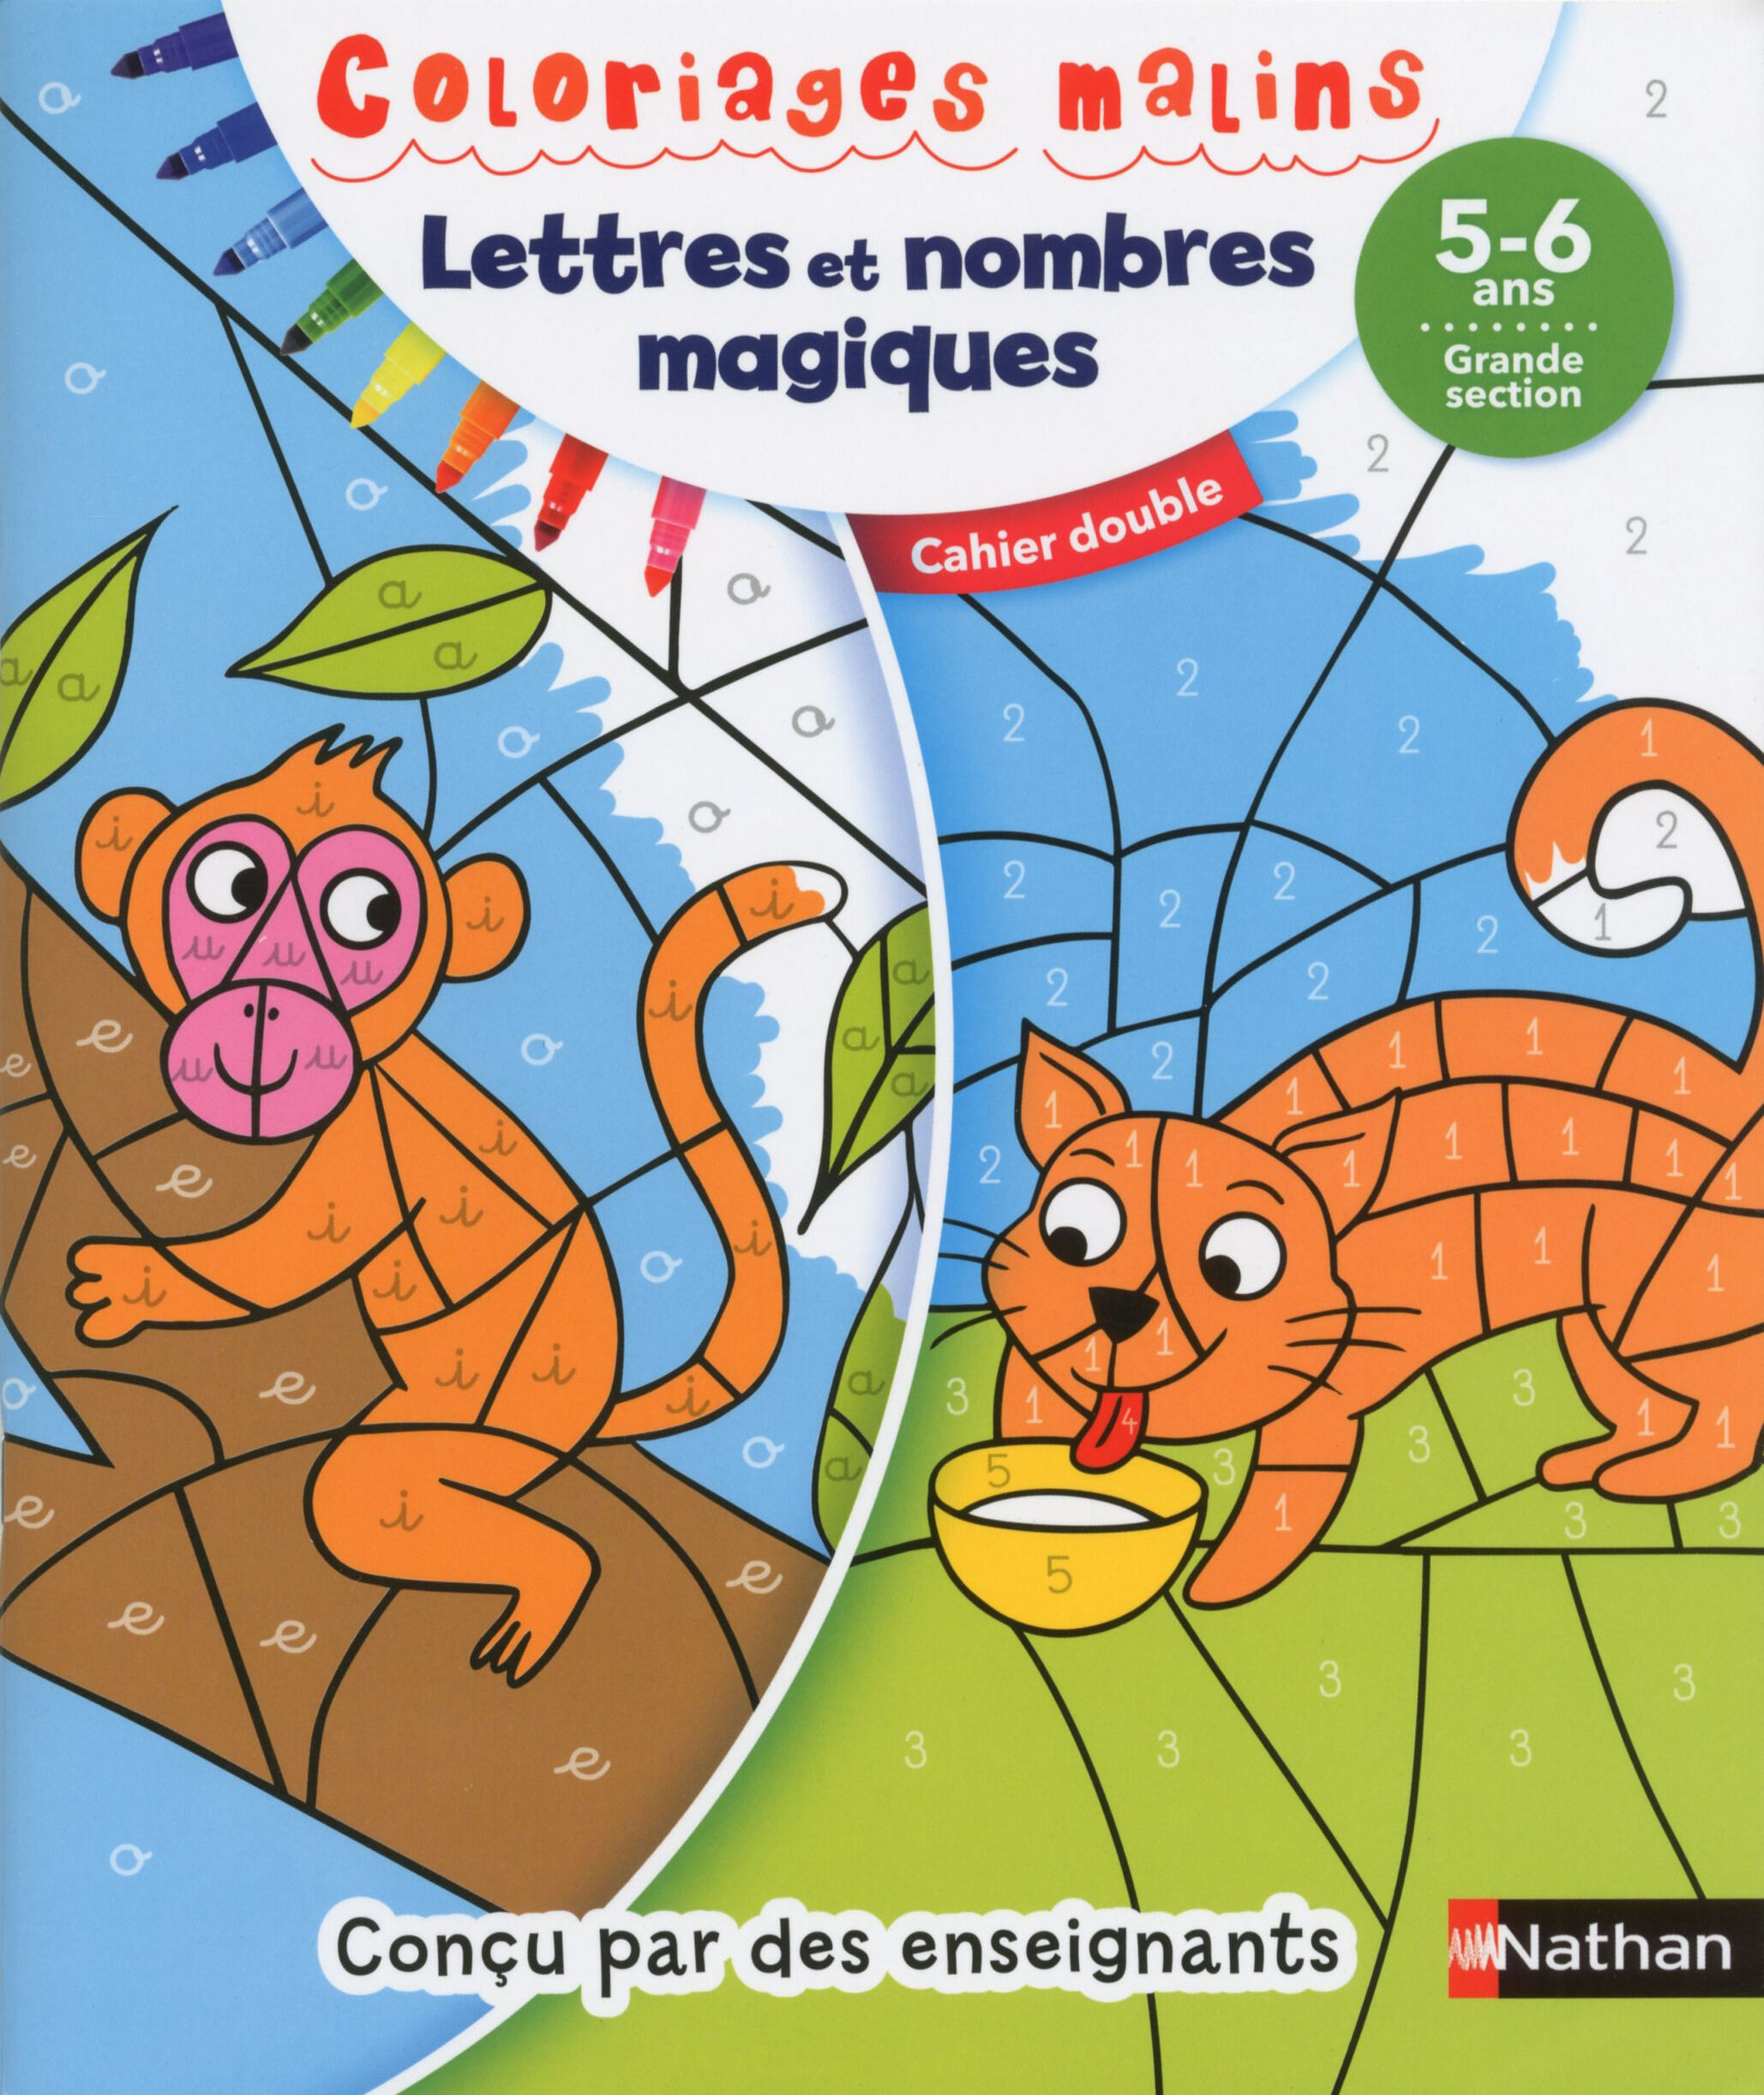 Coloriages malins duo lettres et nombres magiques GS